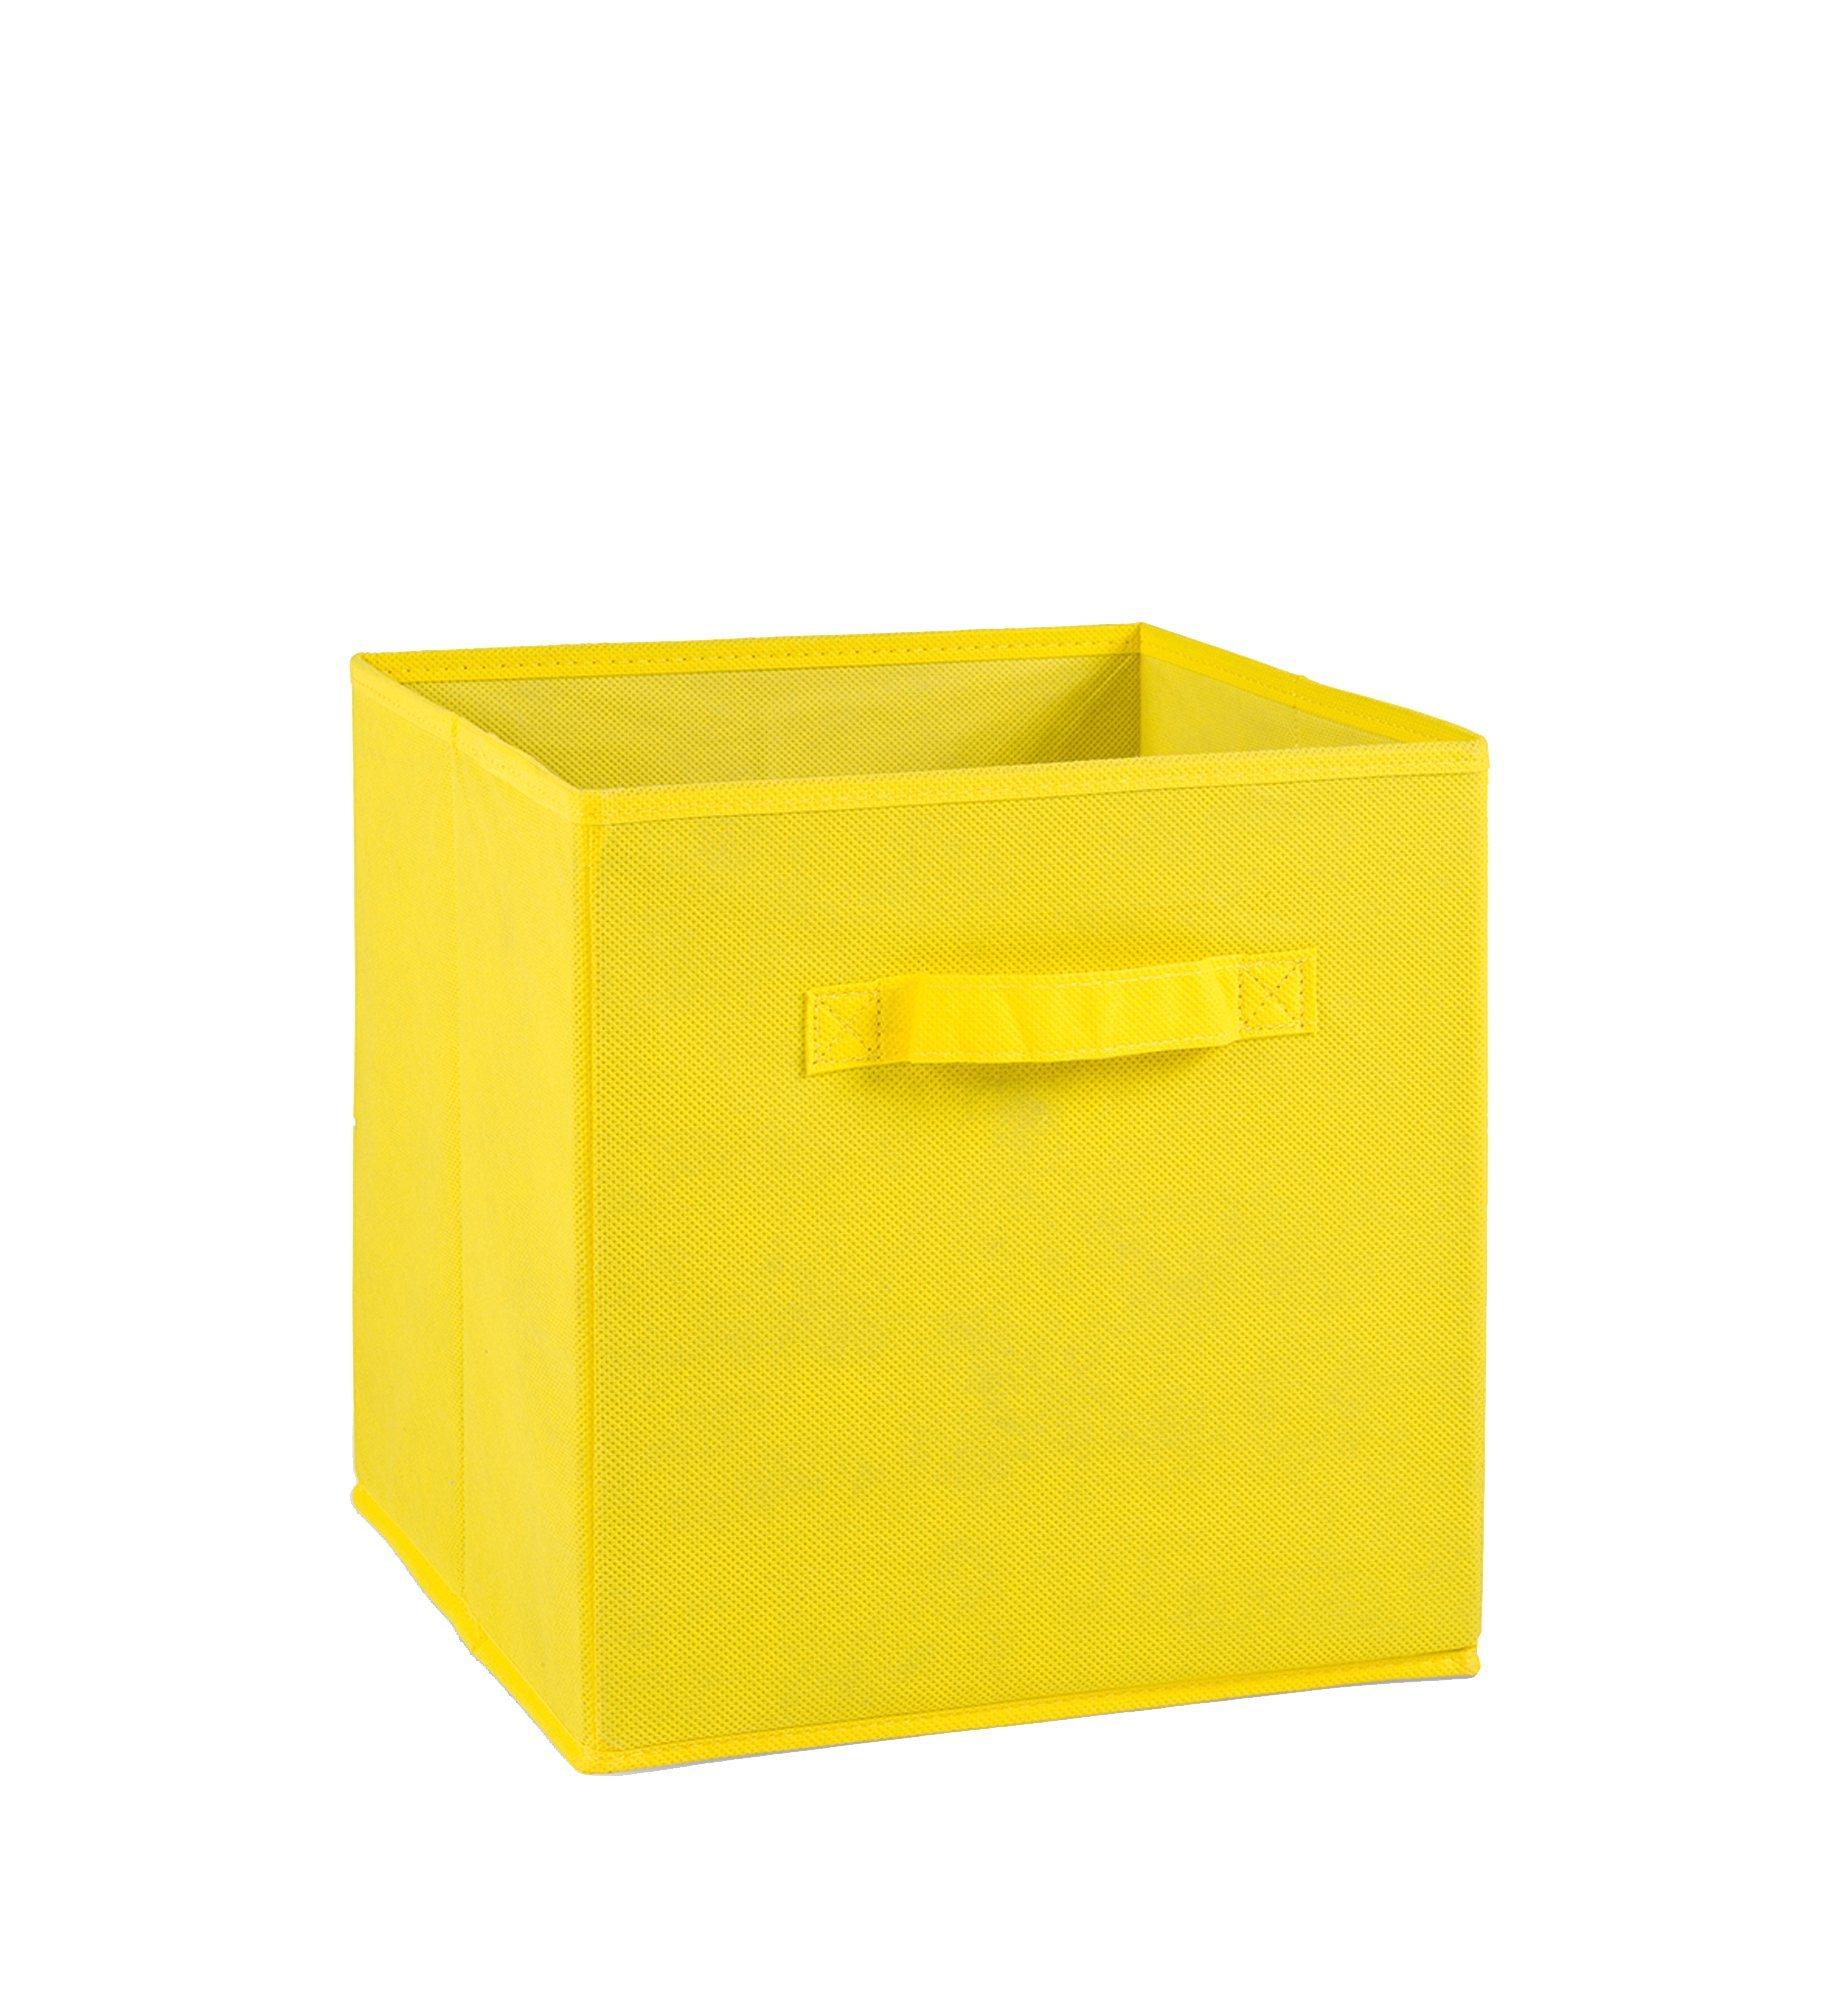 Alsapan Compo 16 - Cesta para cubiertos, color amarillo product image